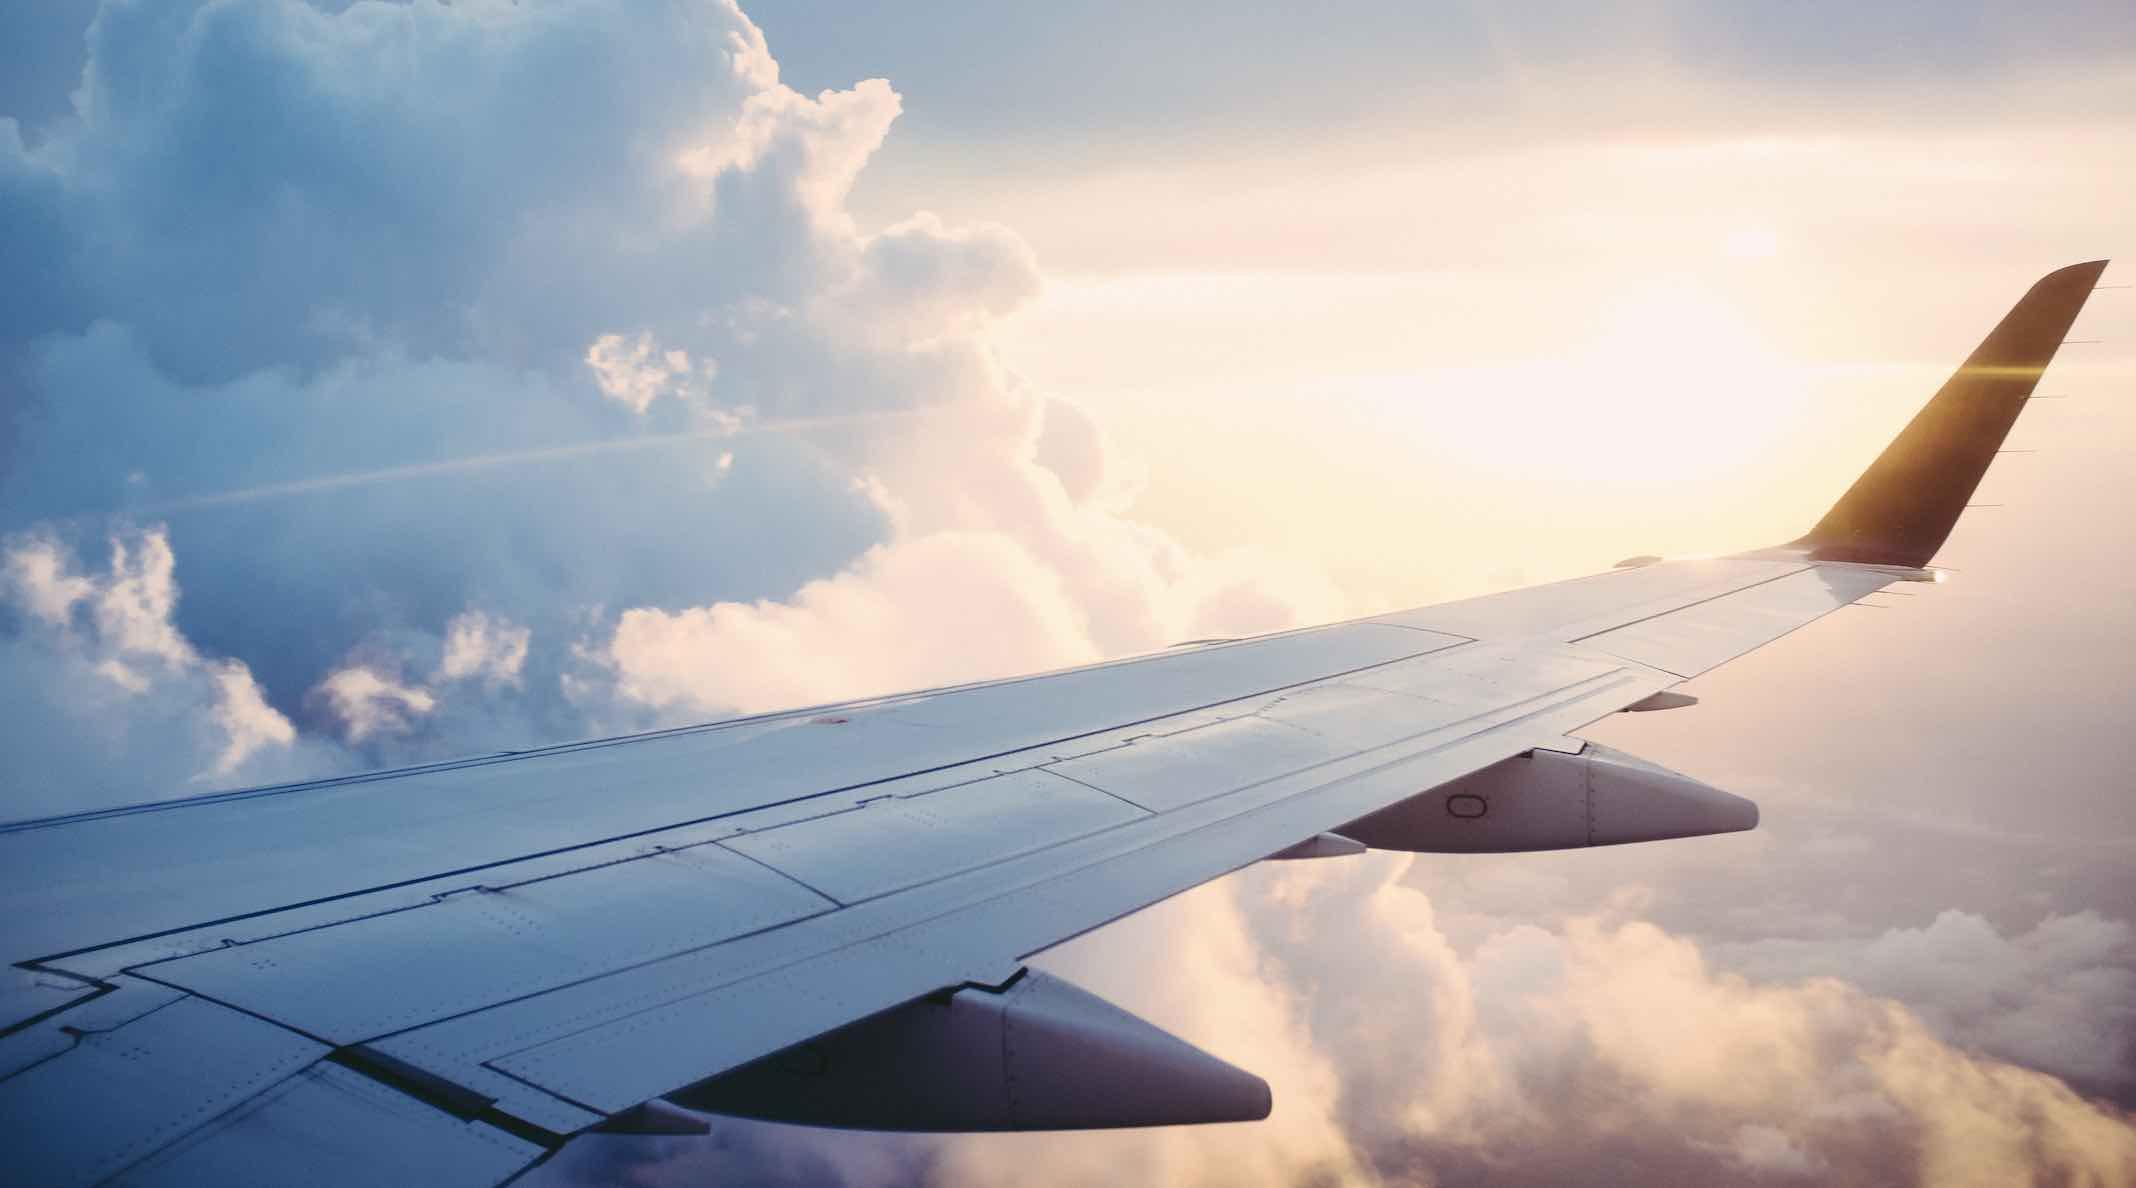 Hình ảnh cánh máy bay